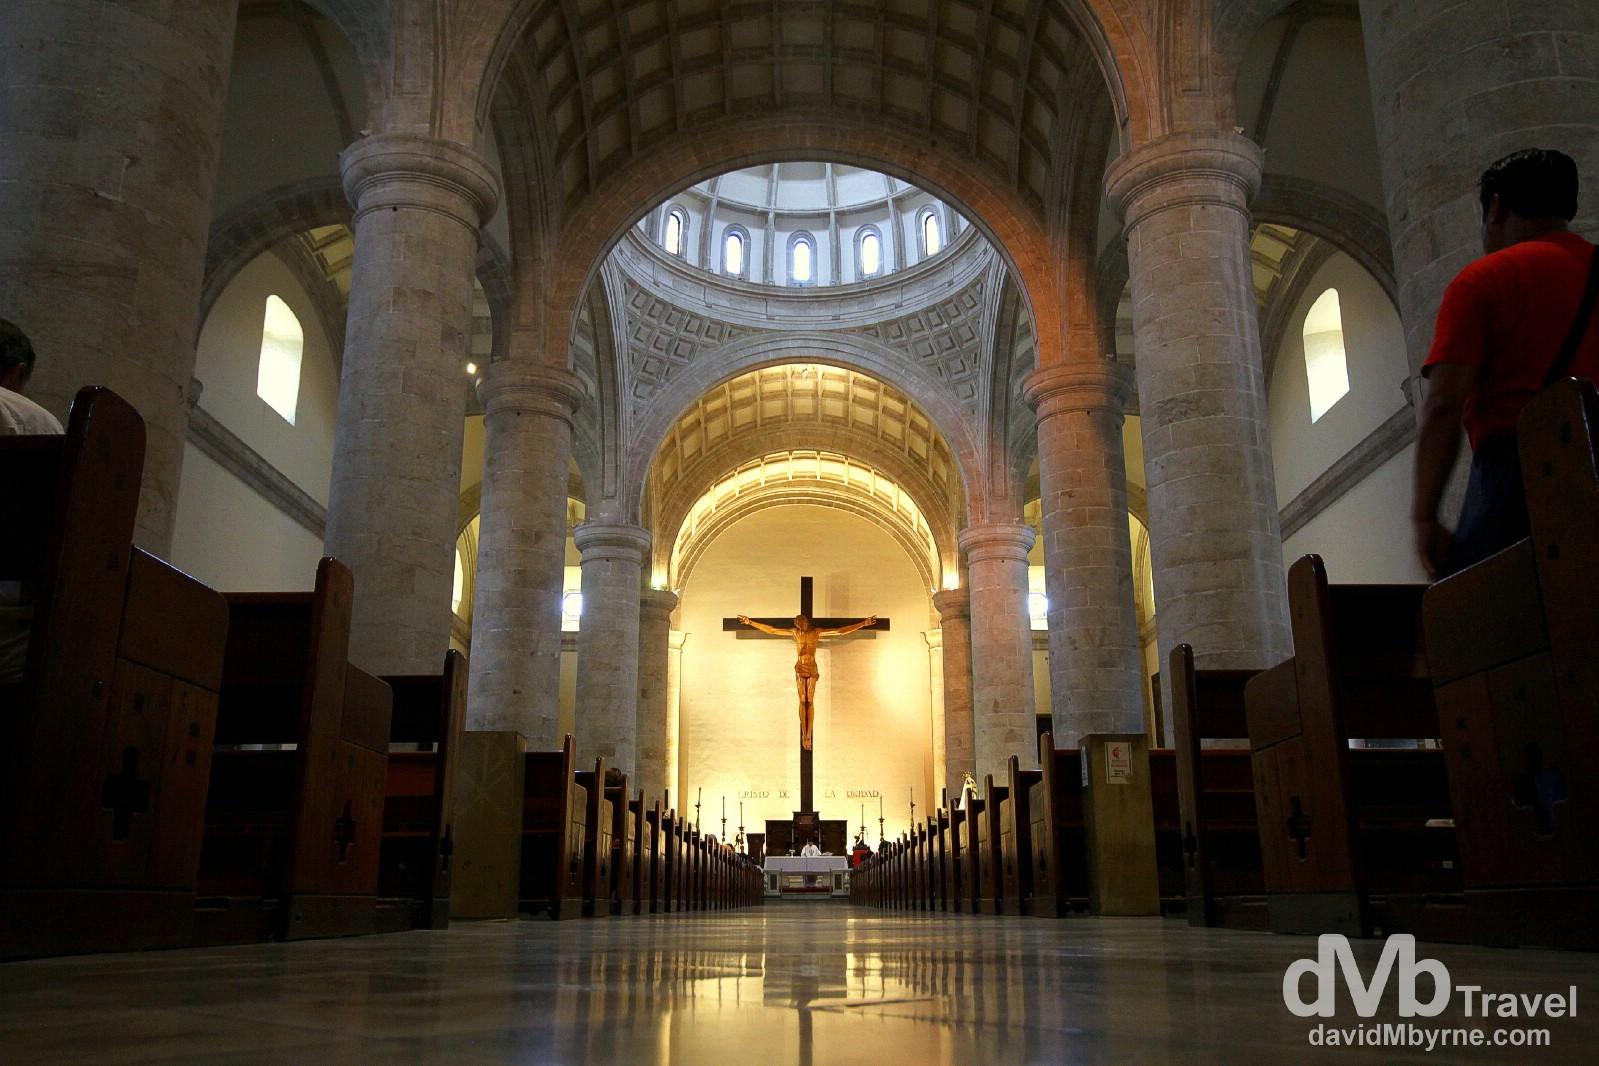 The interior of Catedral de San Ildefonso, Merida, Yucatan, Mexico. April 30th 2013.